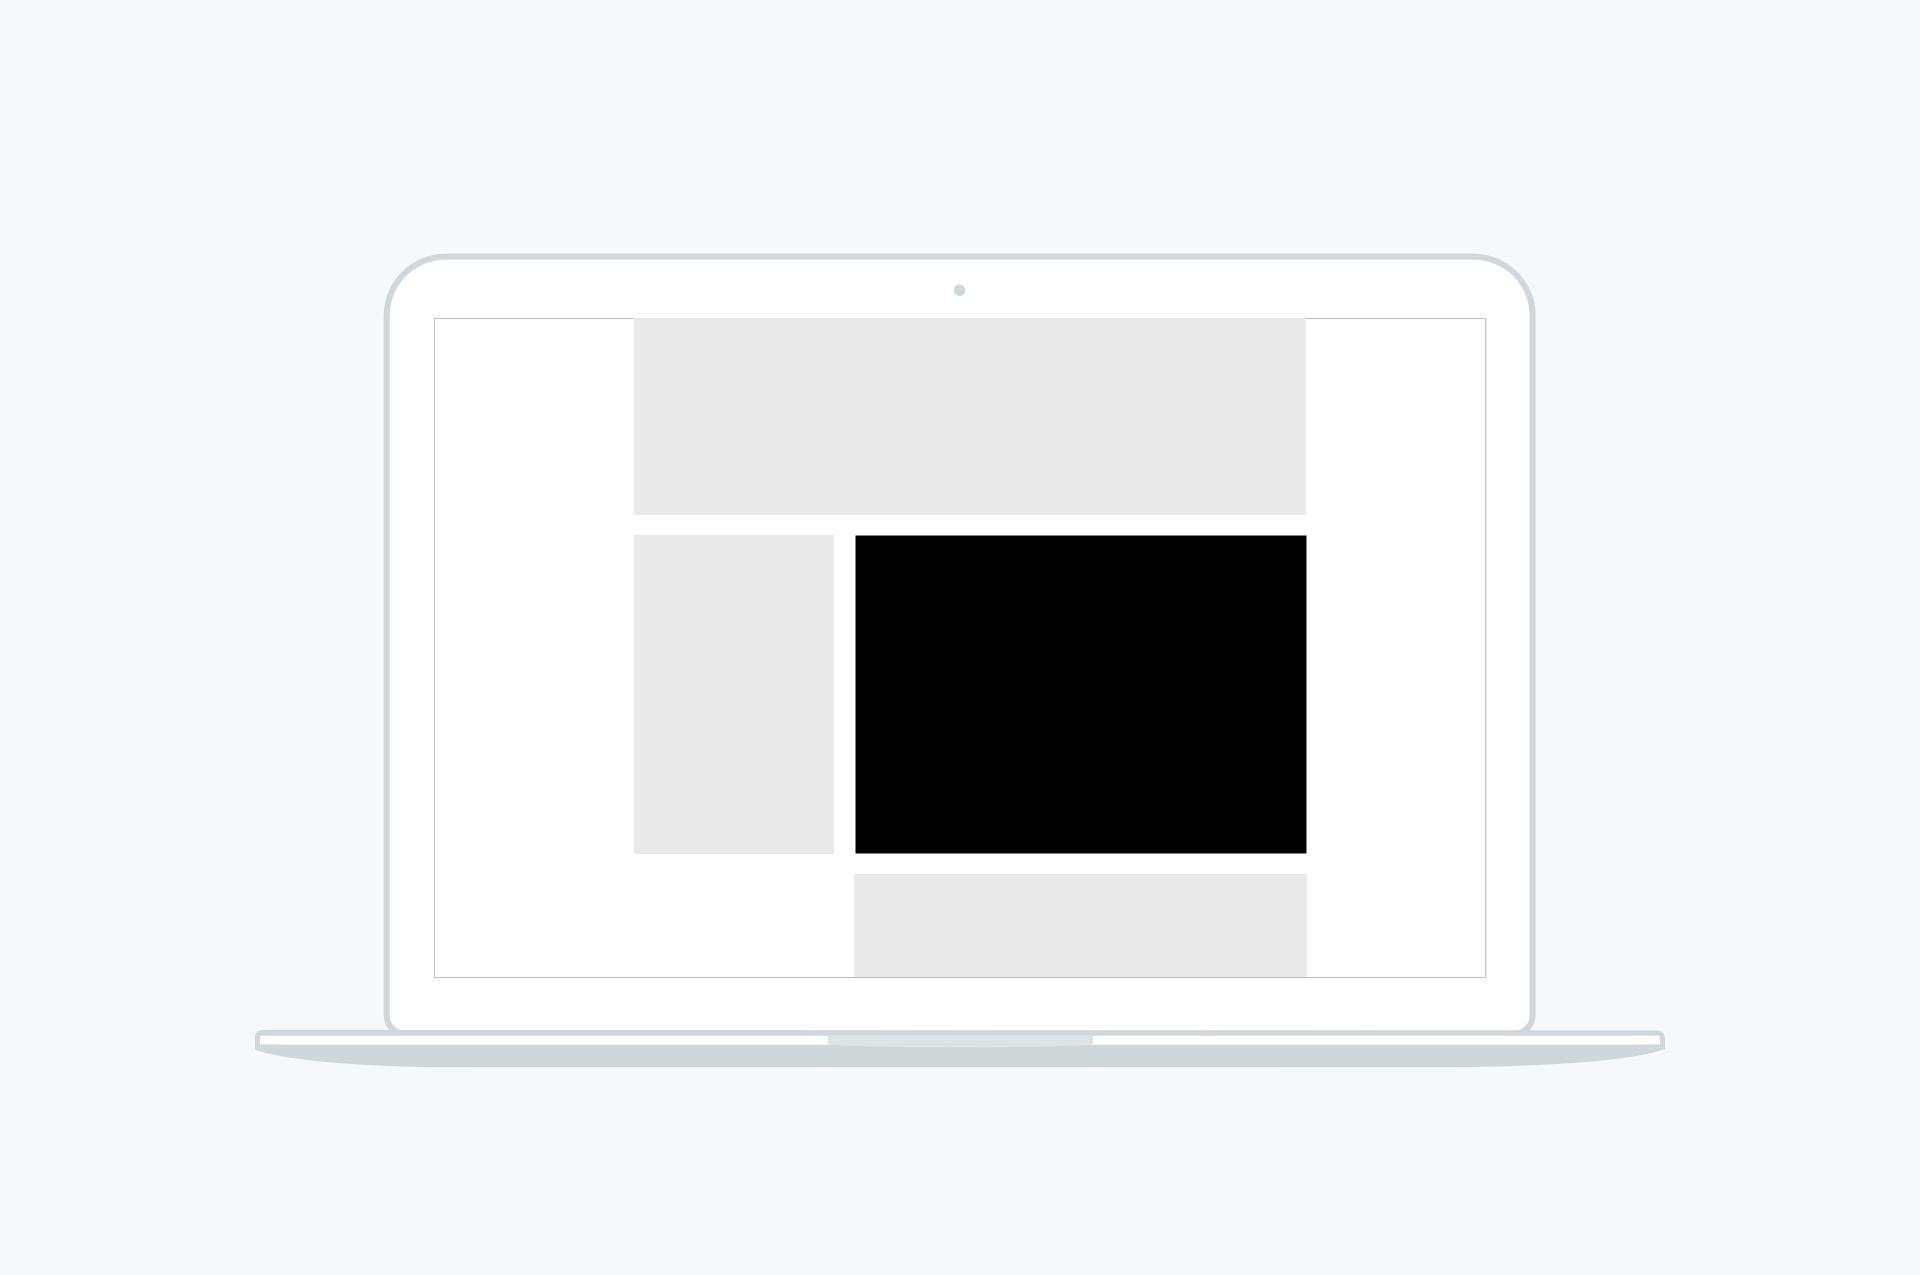 Native - Desktop/Tablet